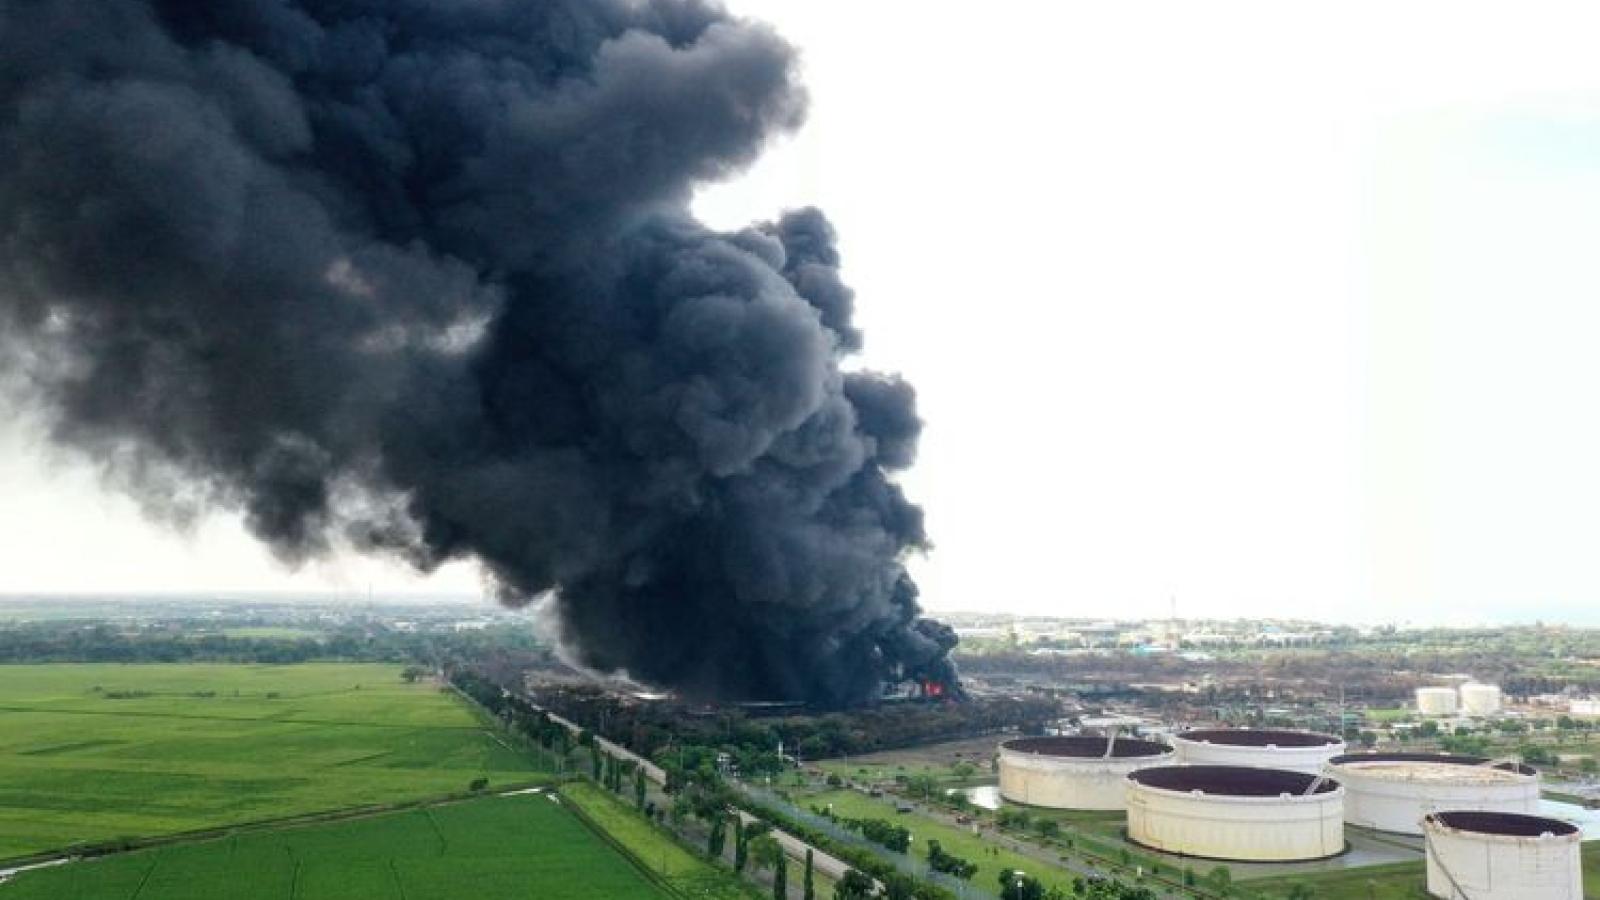 Nhà máy lọc dầu ở Indonesia tiếp tục bùng cháy dữ dội ngày thứ 2